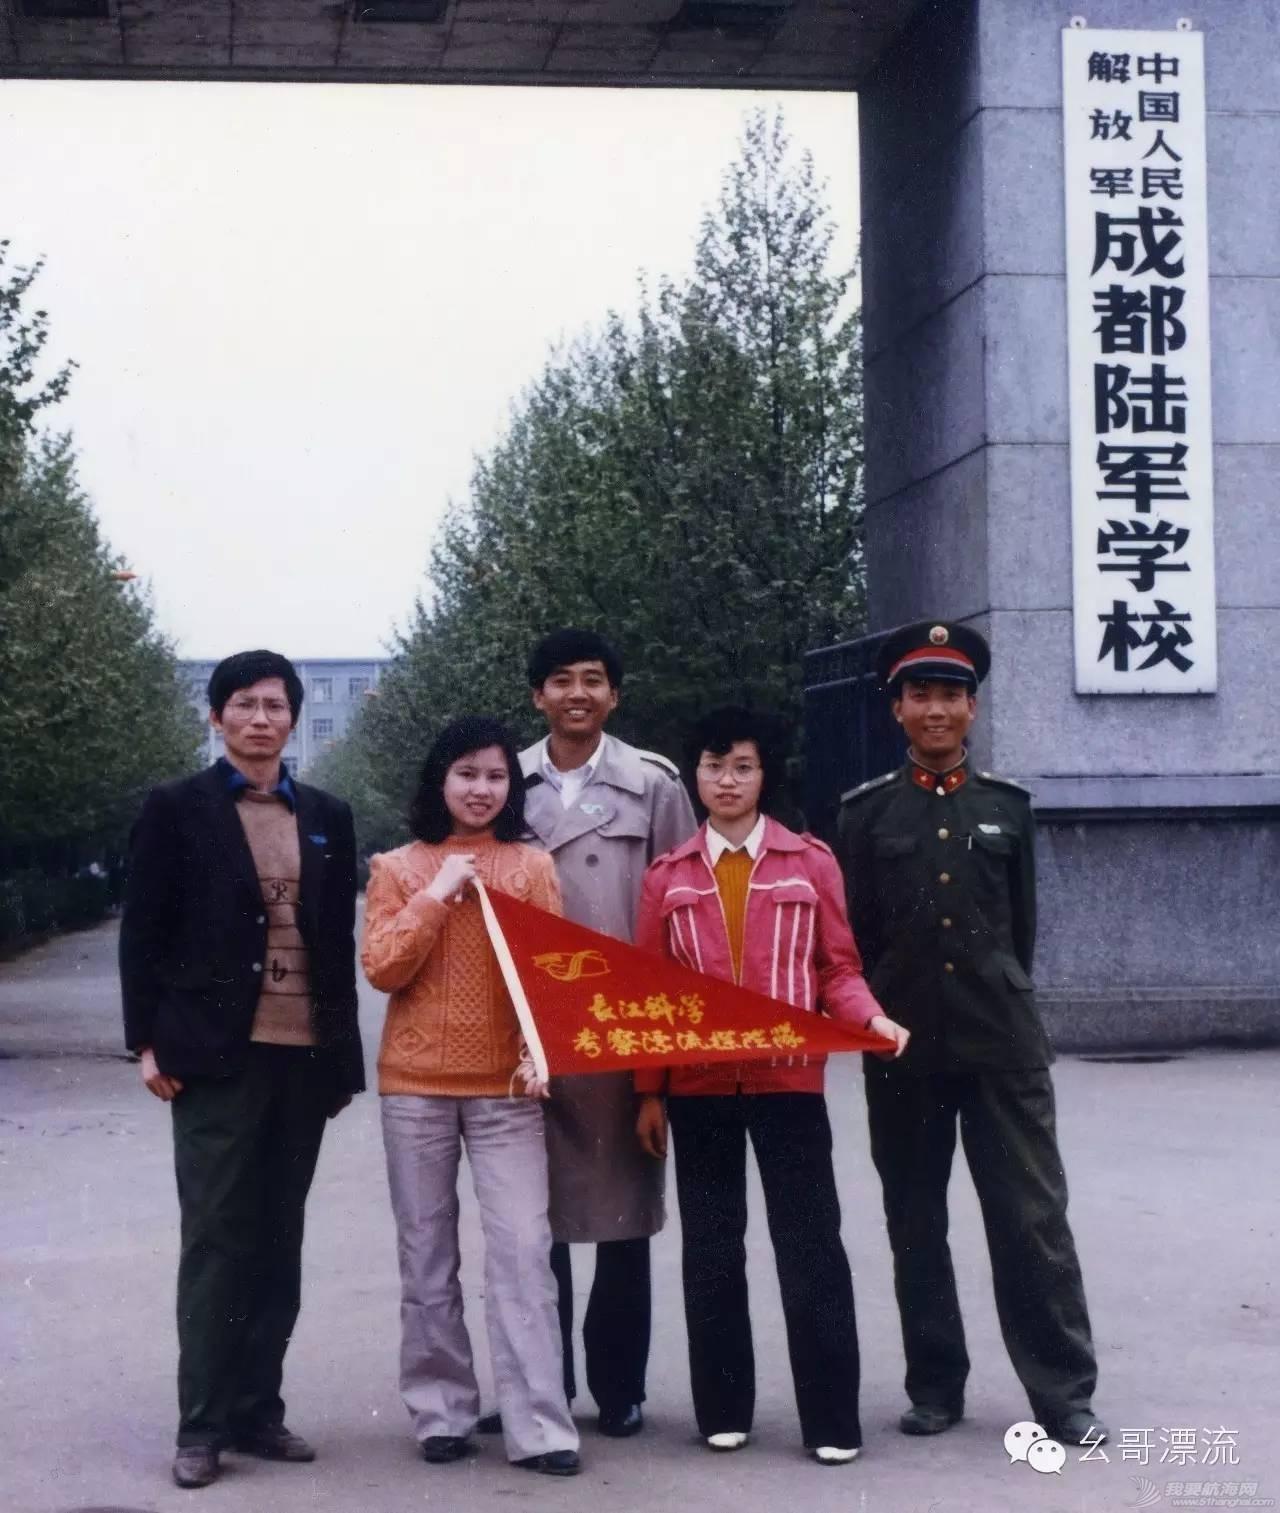 1986年长江漂流发起及经过 ff64656ea1ba1b6d9c328b0216ce3cbc.jpg